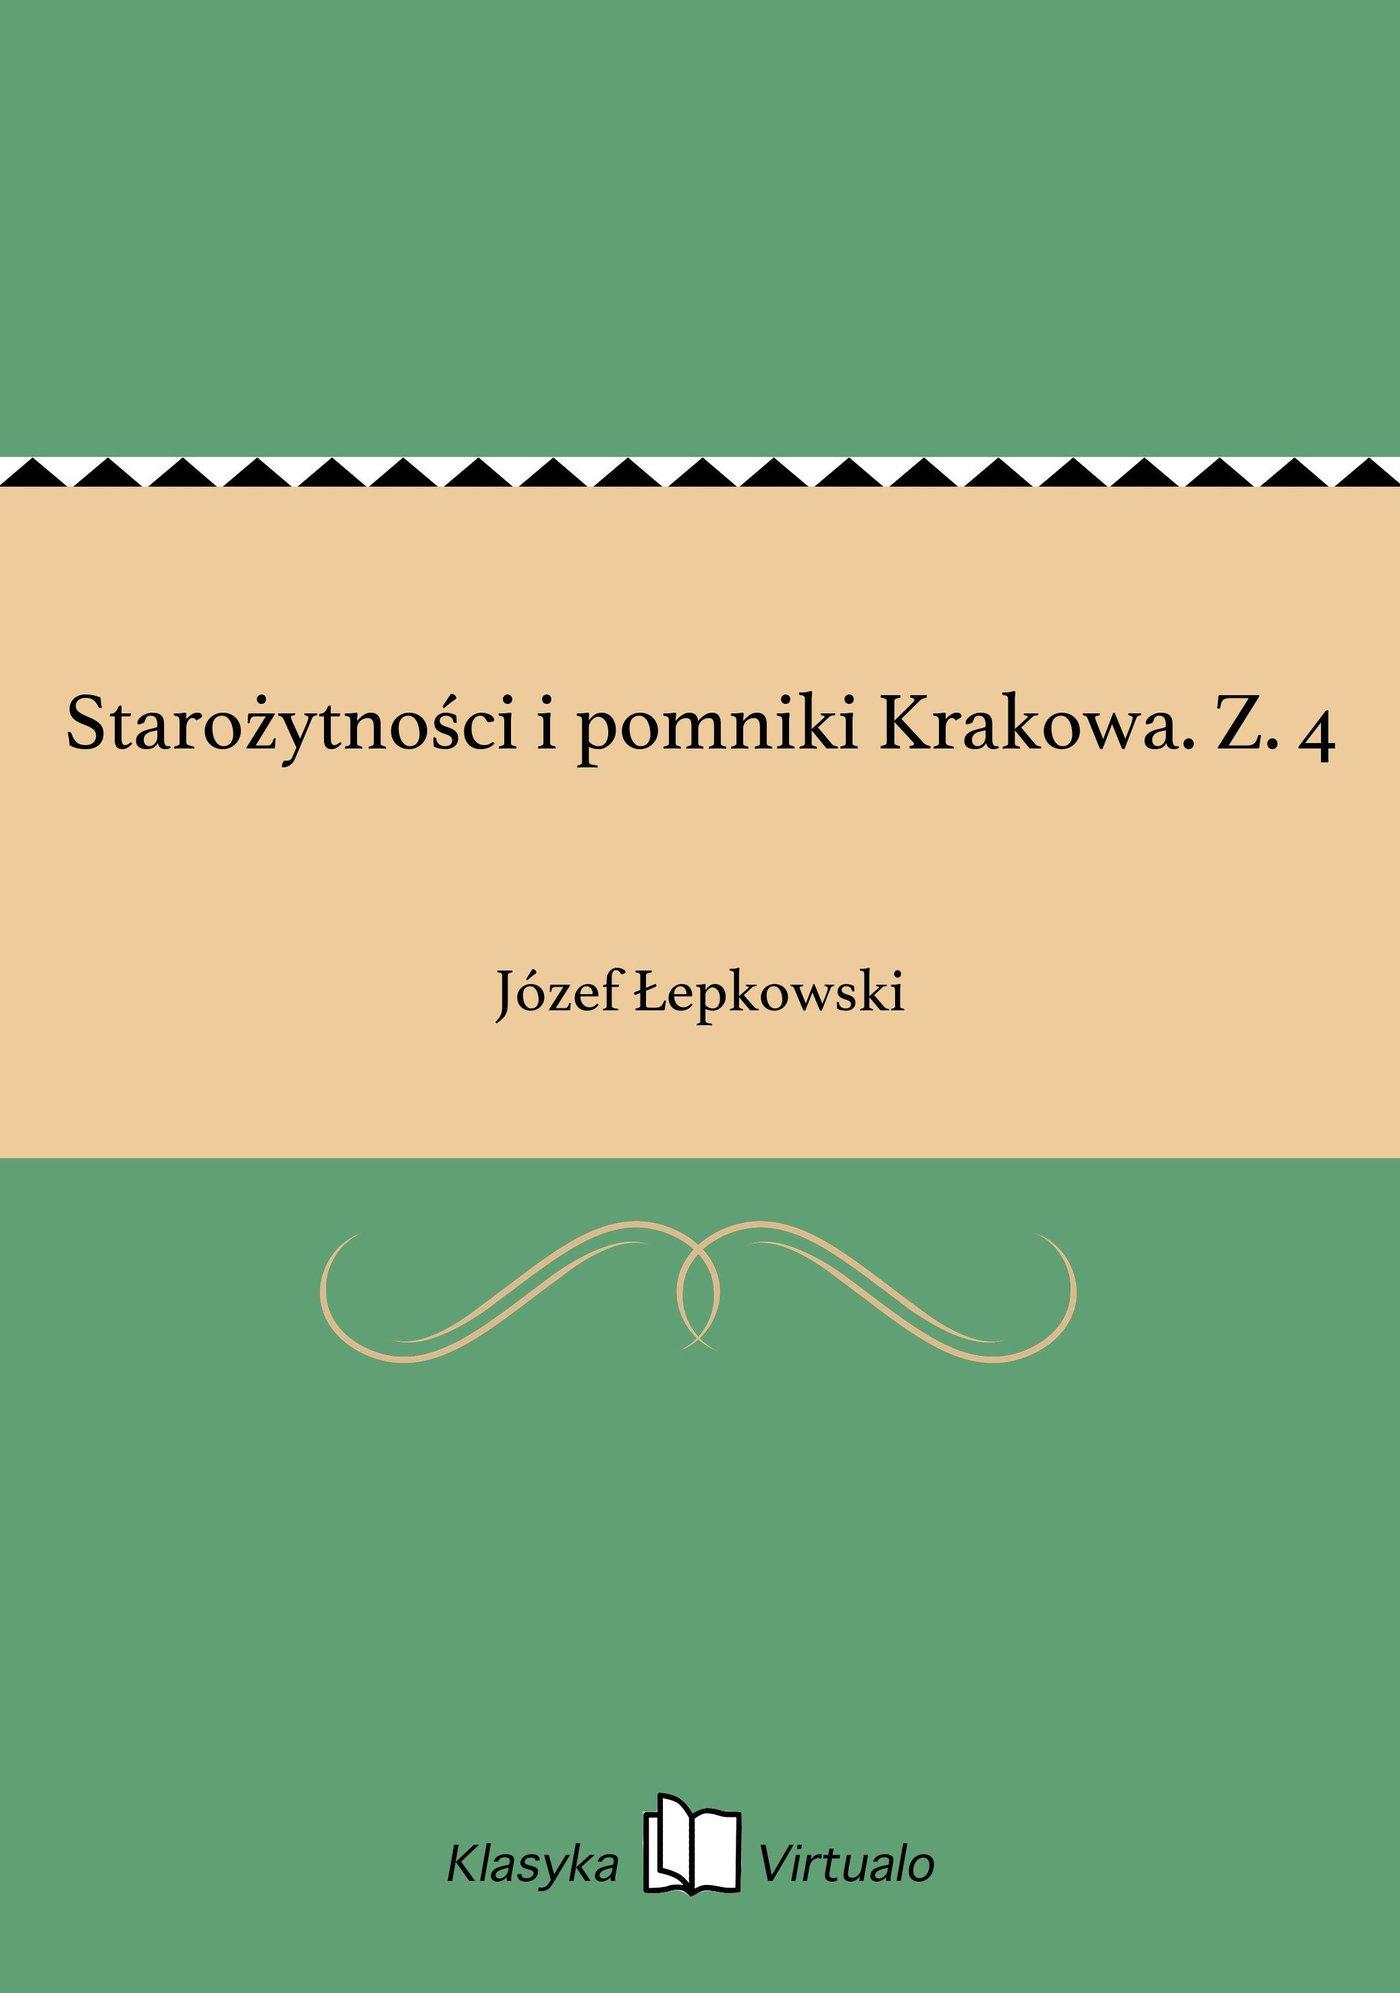 Starożytności i pomniki Krakowa. Z. 4 - Ebook (Książka EPUB) do pobrania w formacie EPUB